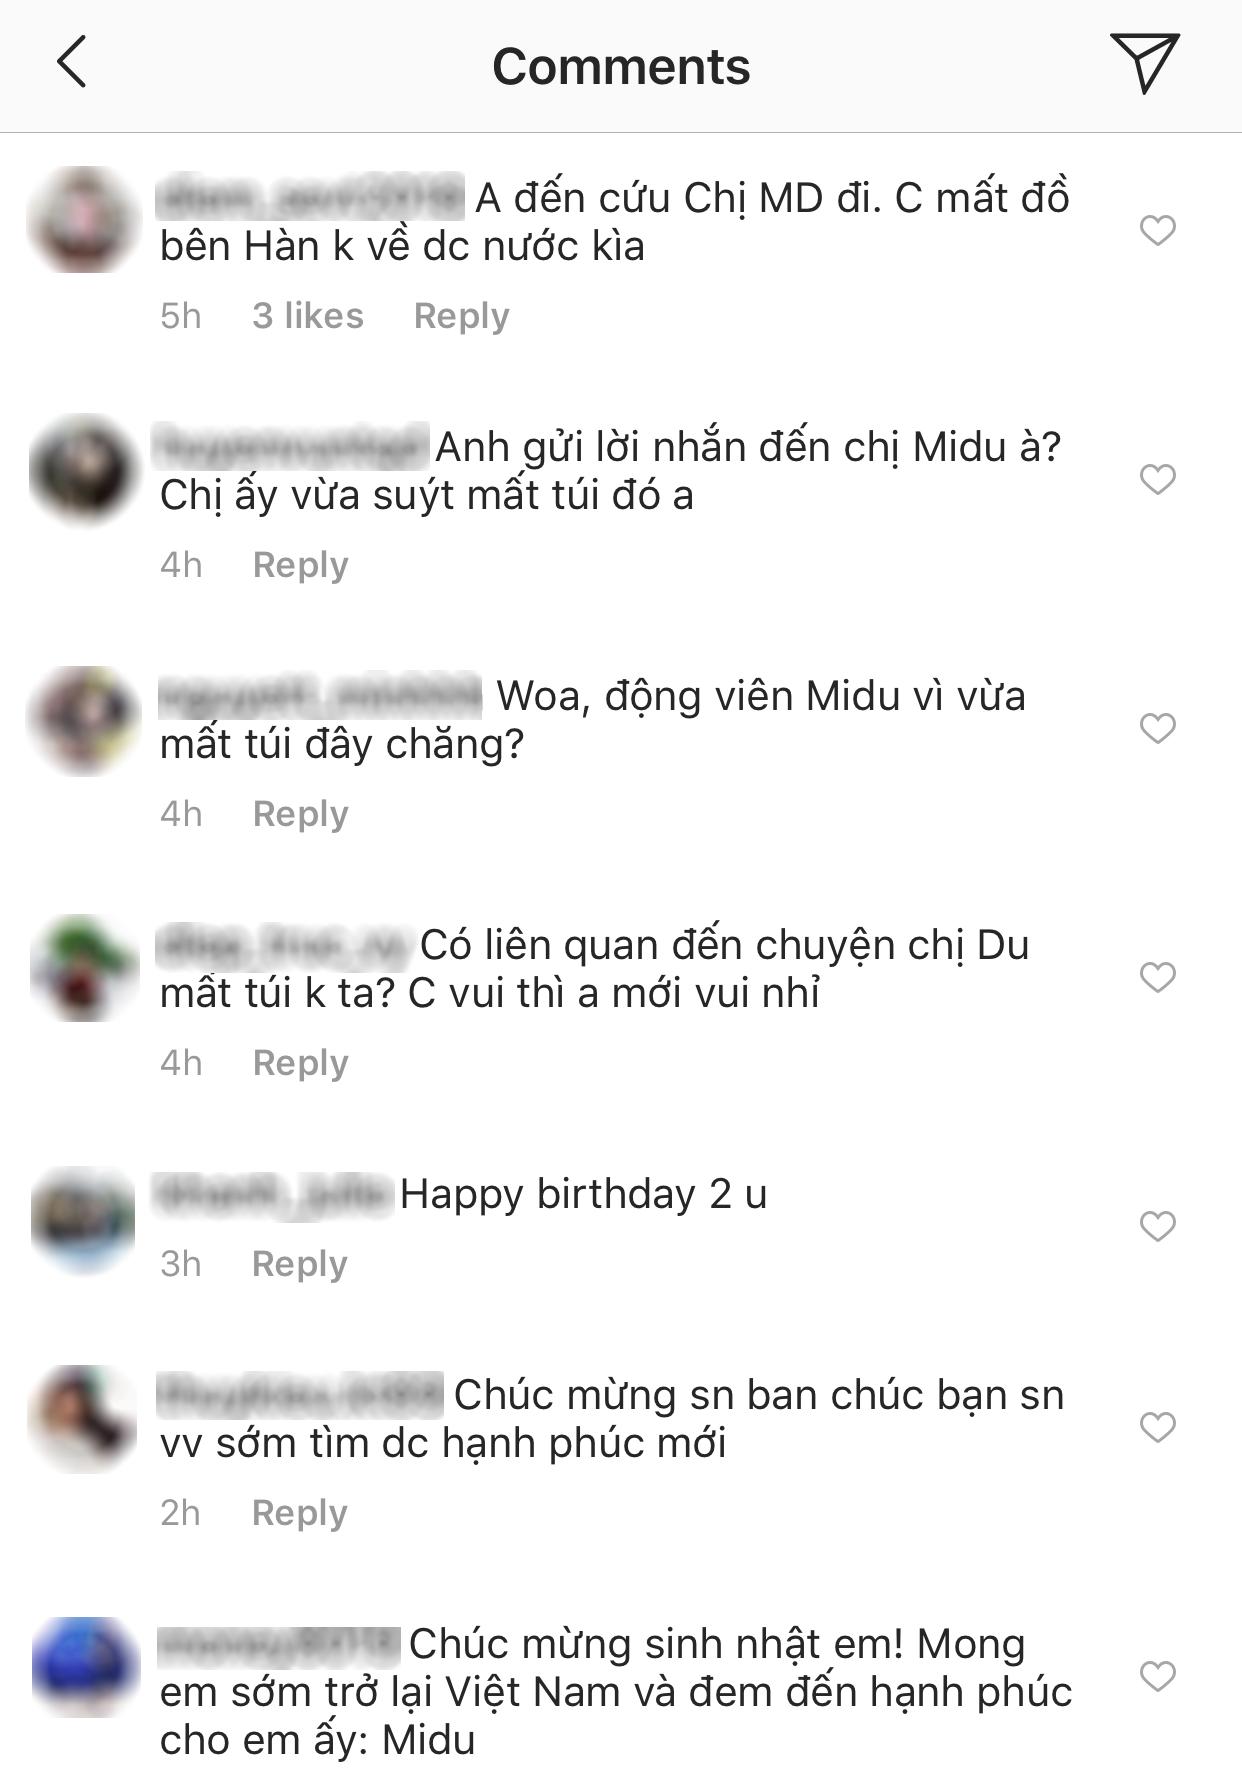 Phan Thành tự chúc mừng sinh nhật mình nhưng fan tràn vào hỏi: Anh gửi lời hỏi thăm Midu mất túi đó à? - Ảnh 3.